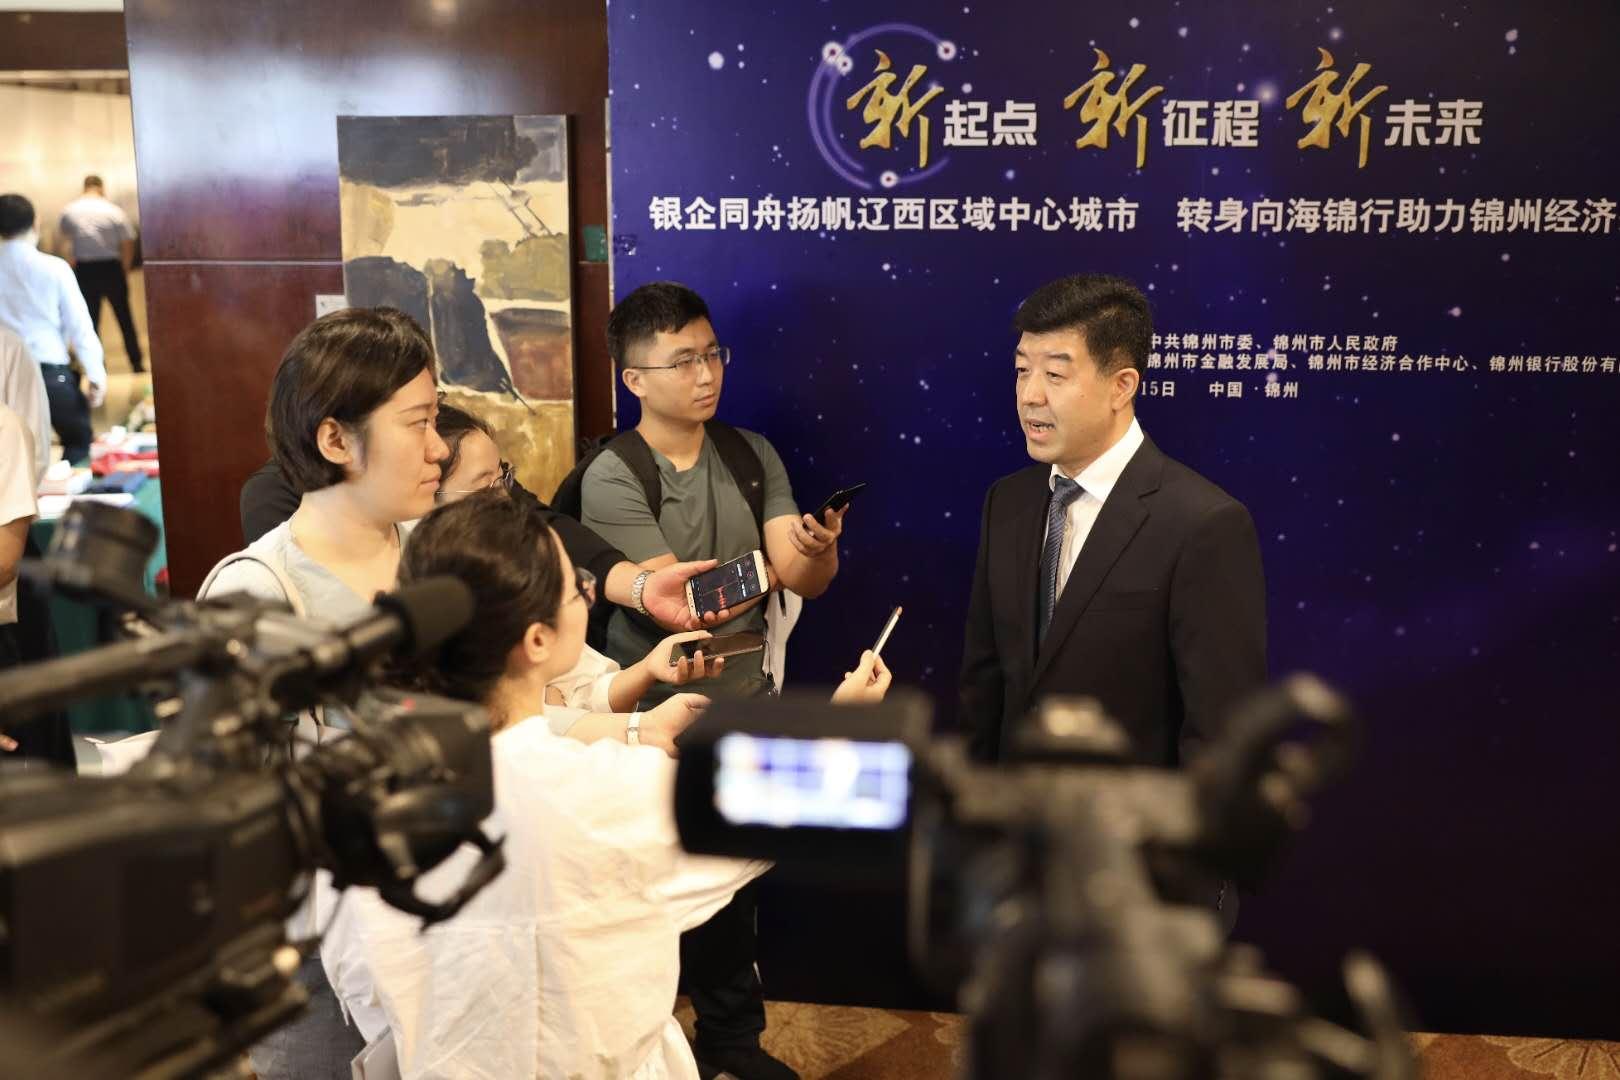 扬帆再起航!锦州银行对接政企共谋发展新篇章